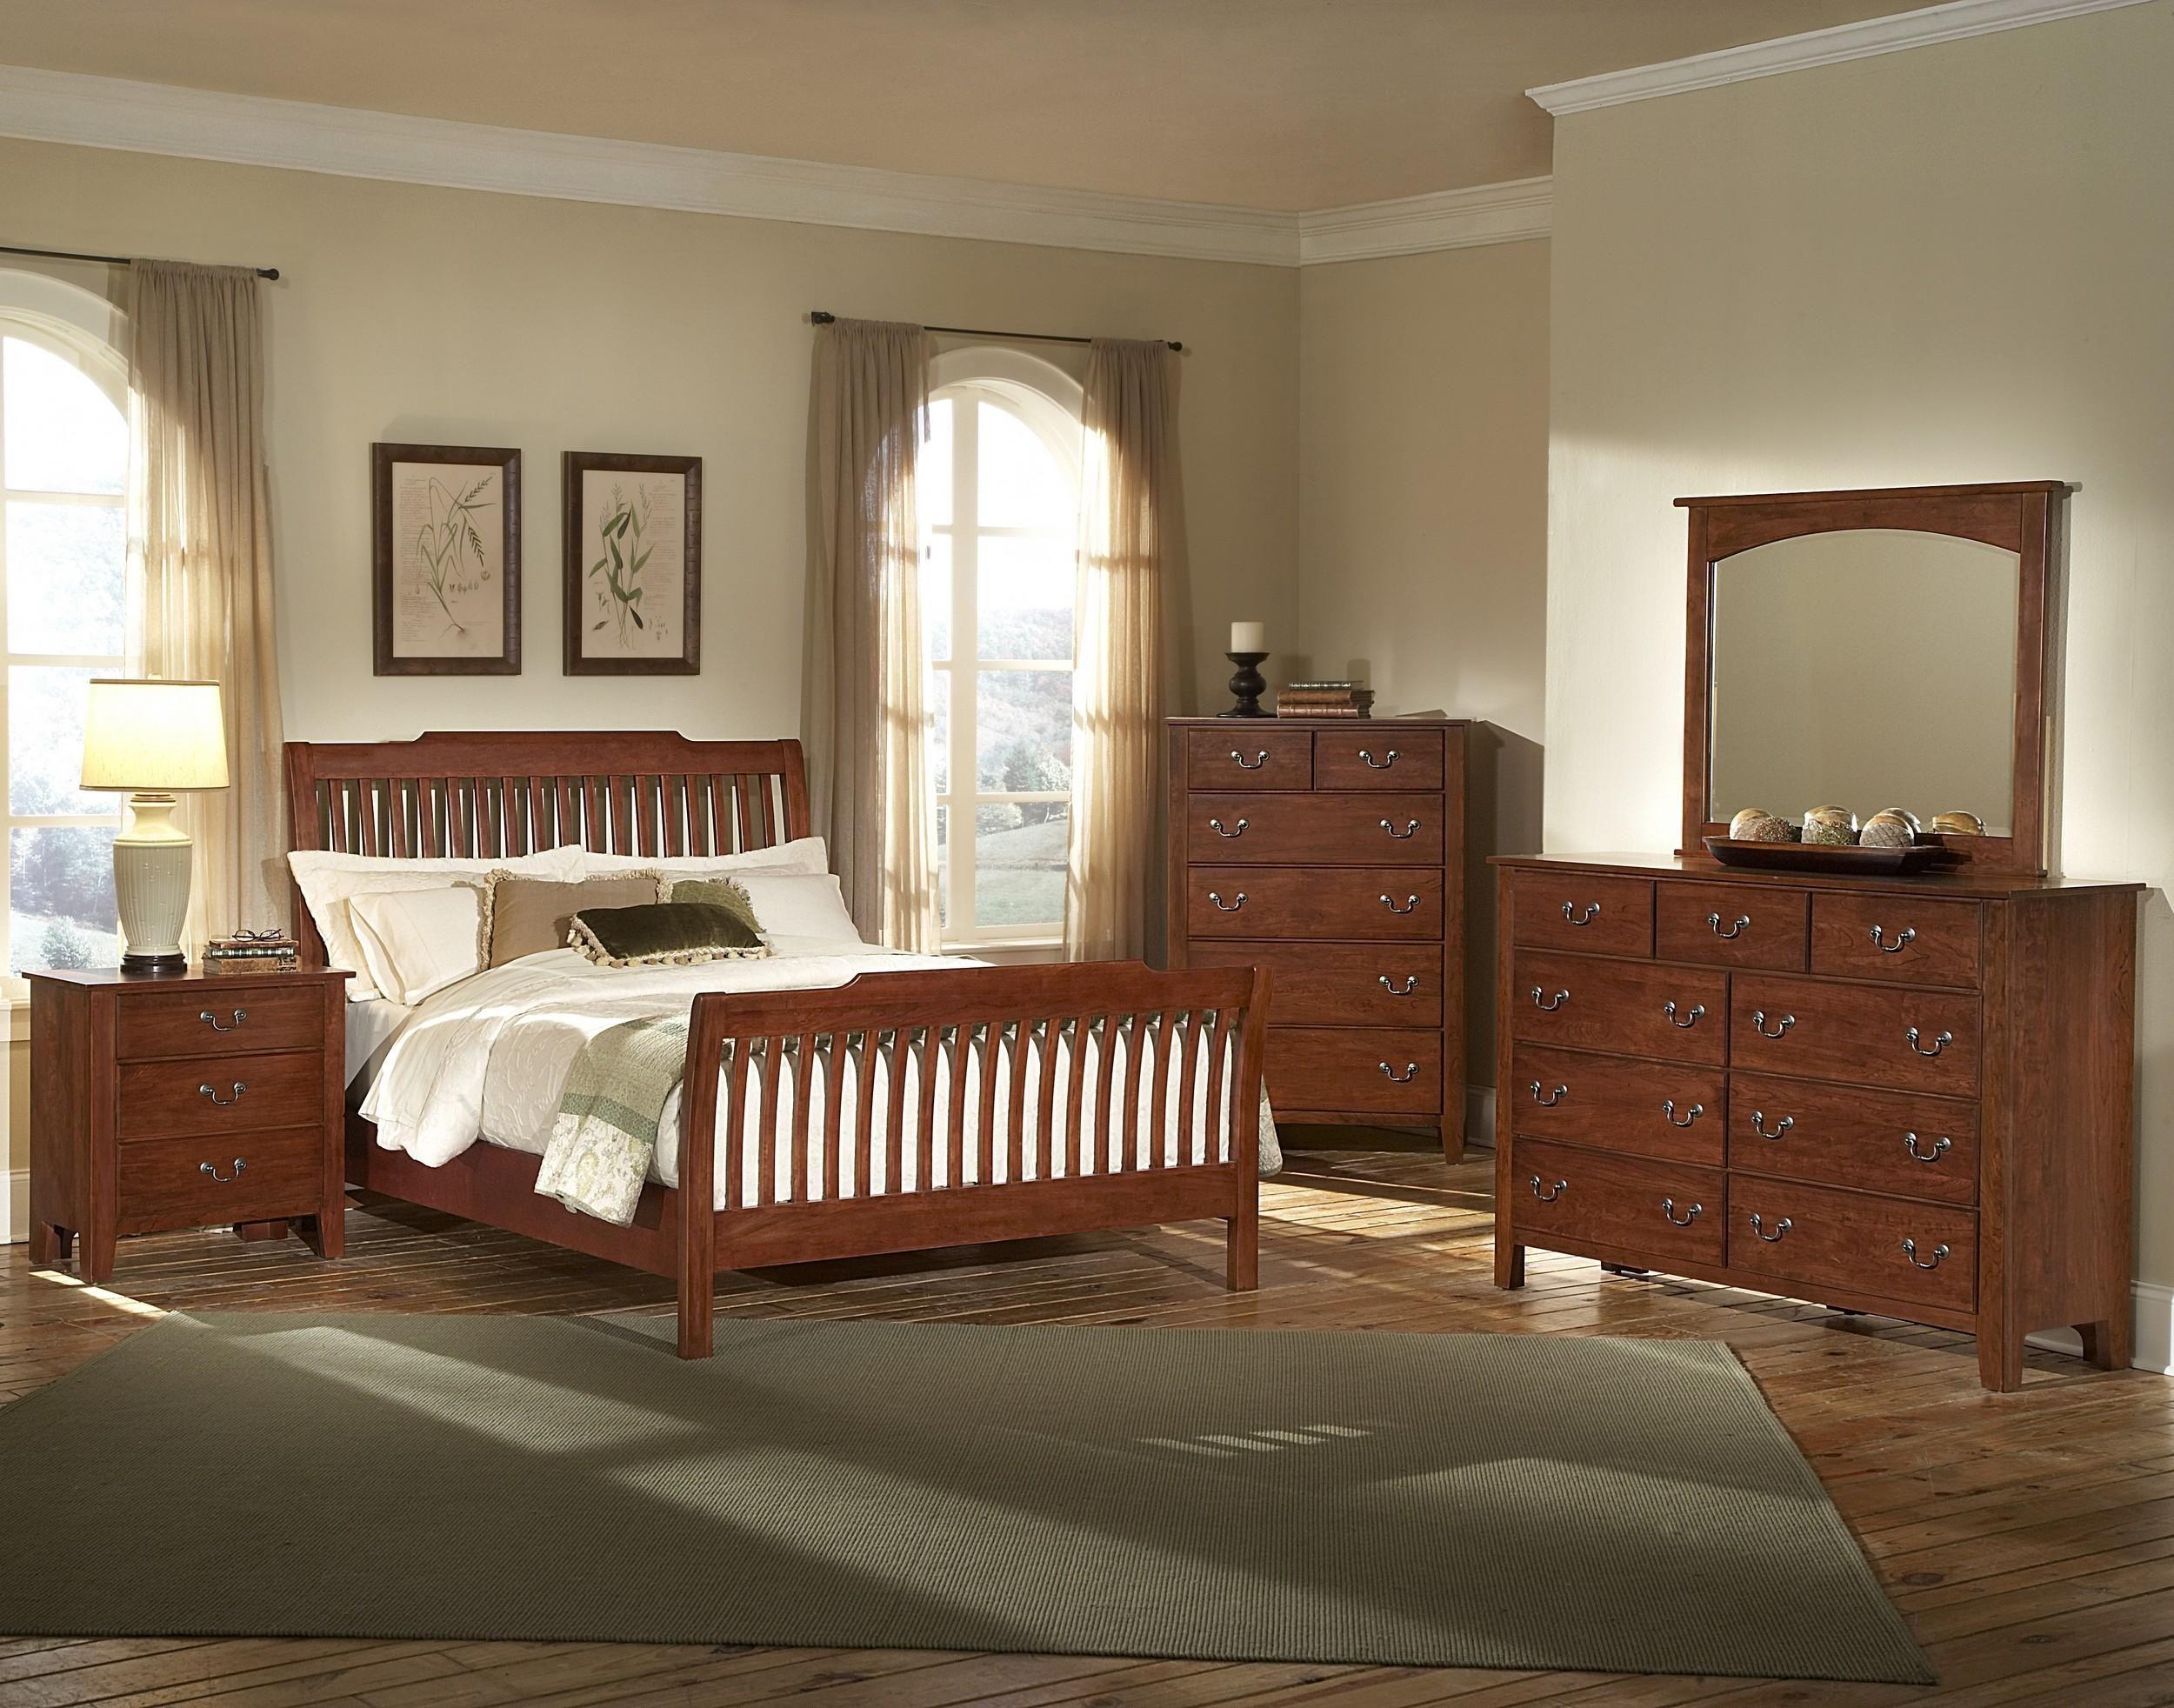 Vaughan Bassett Furniture Appalachian Hardwood Simply